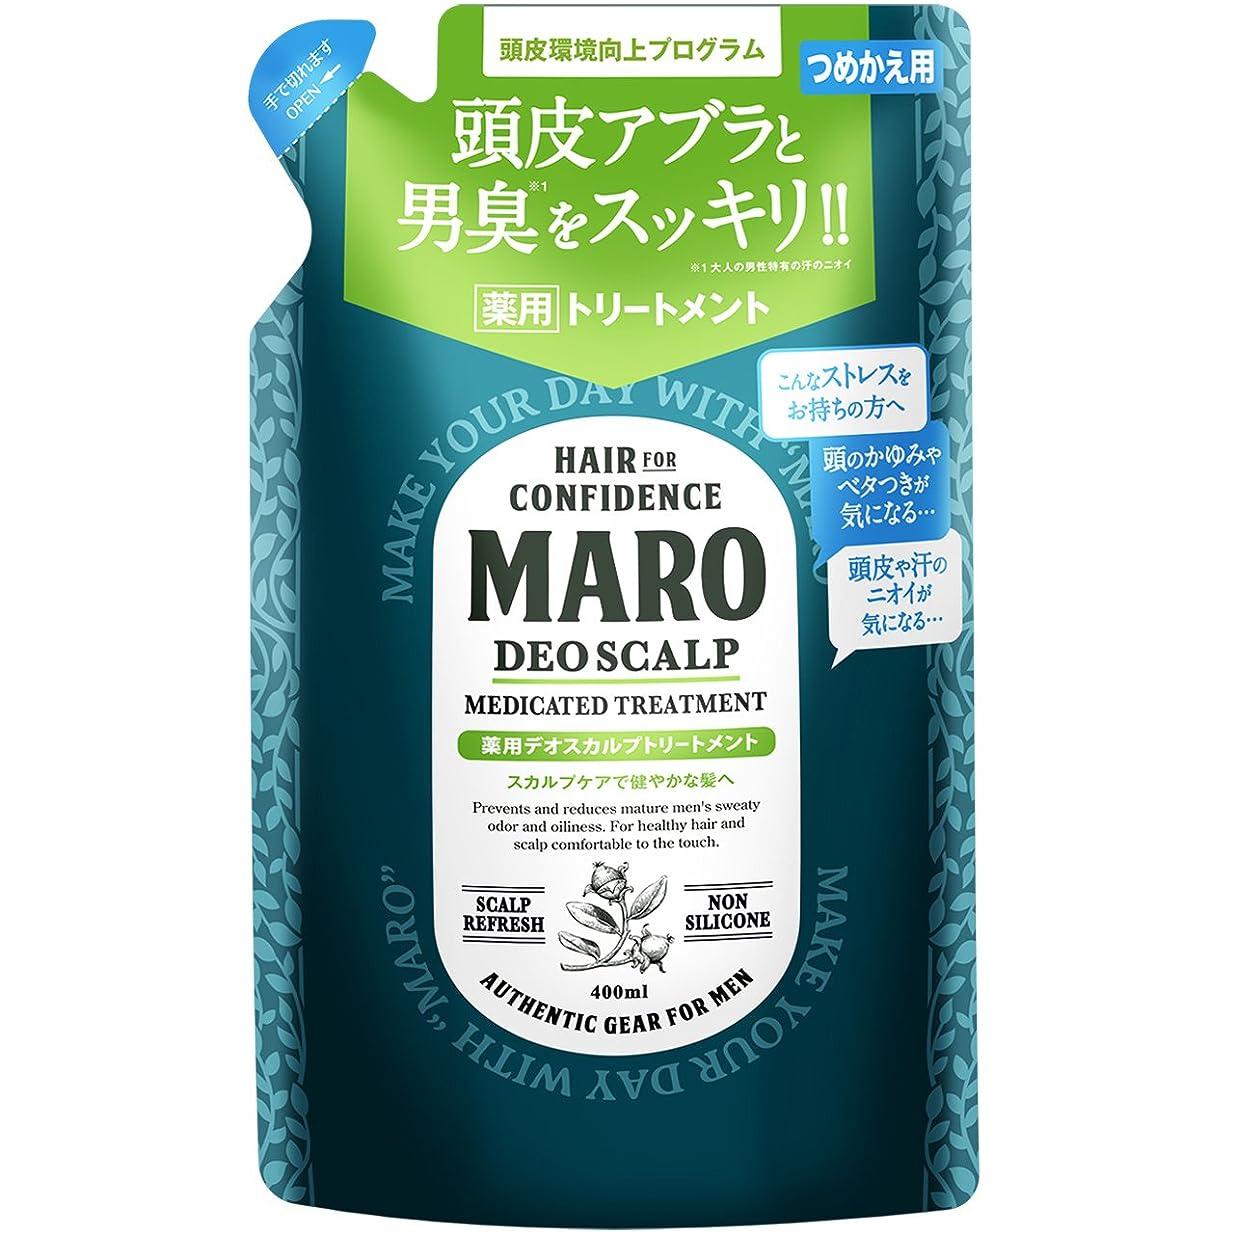 特徴スープ噴火MARO 薬用 デオスカルプ トリートメント 詰め替え 400ml 【医薬部外品】